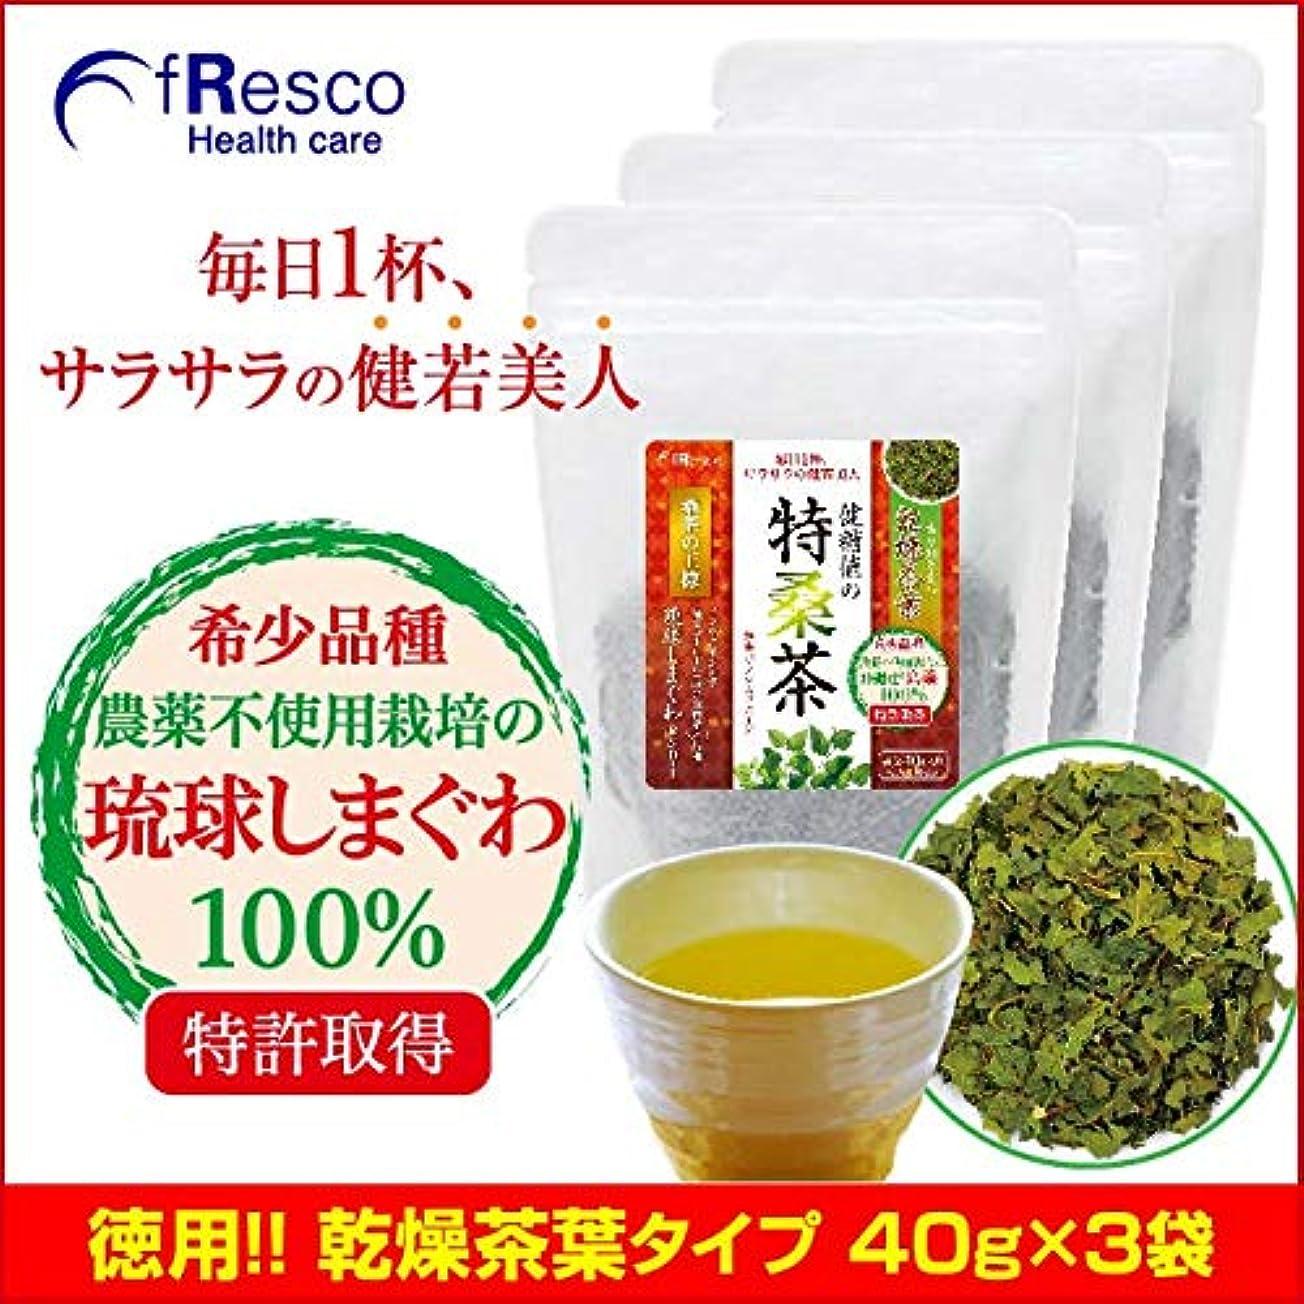 離れて蒸留応答琉球しまぐわ 健糖値の特桑茶 乾燥茶葉40g 90日分(3個セット)